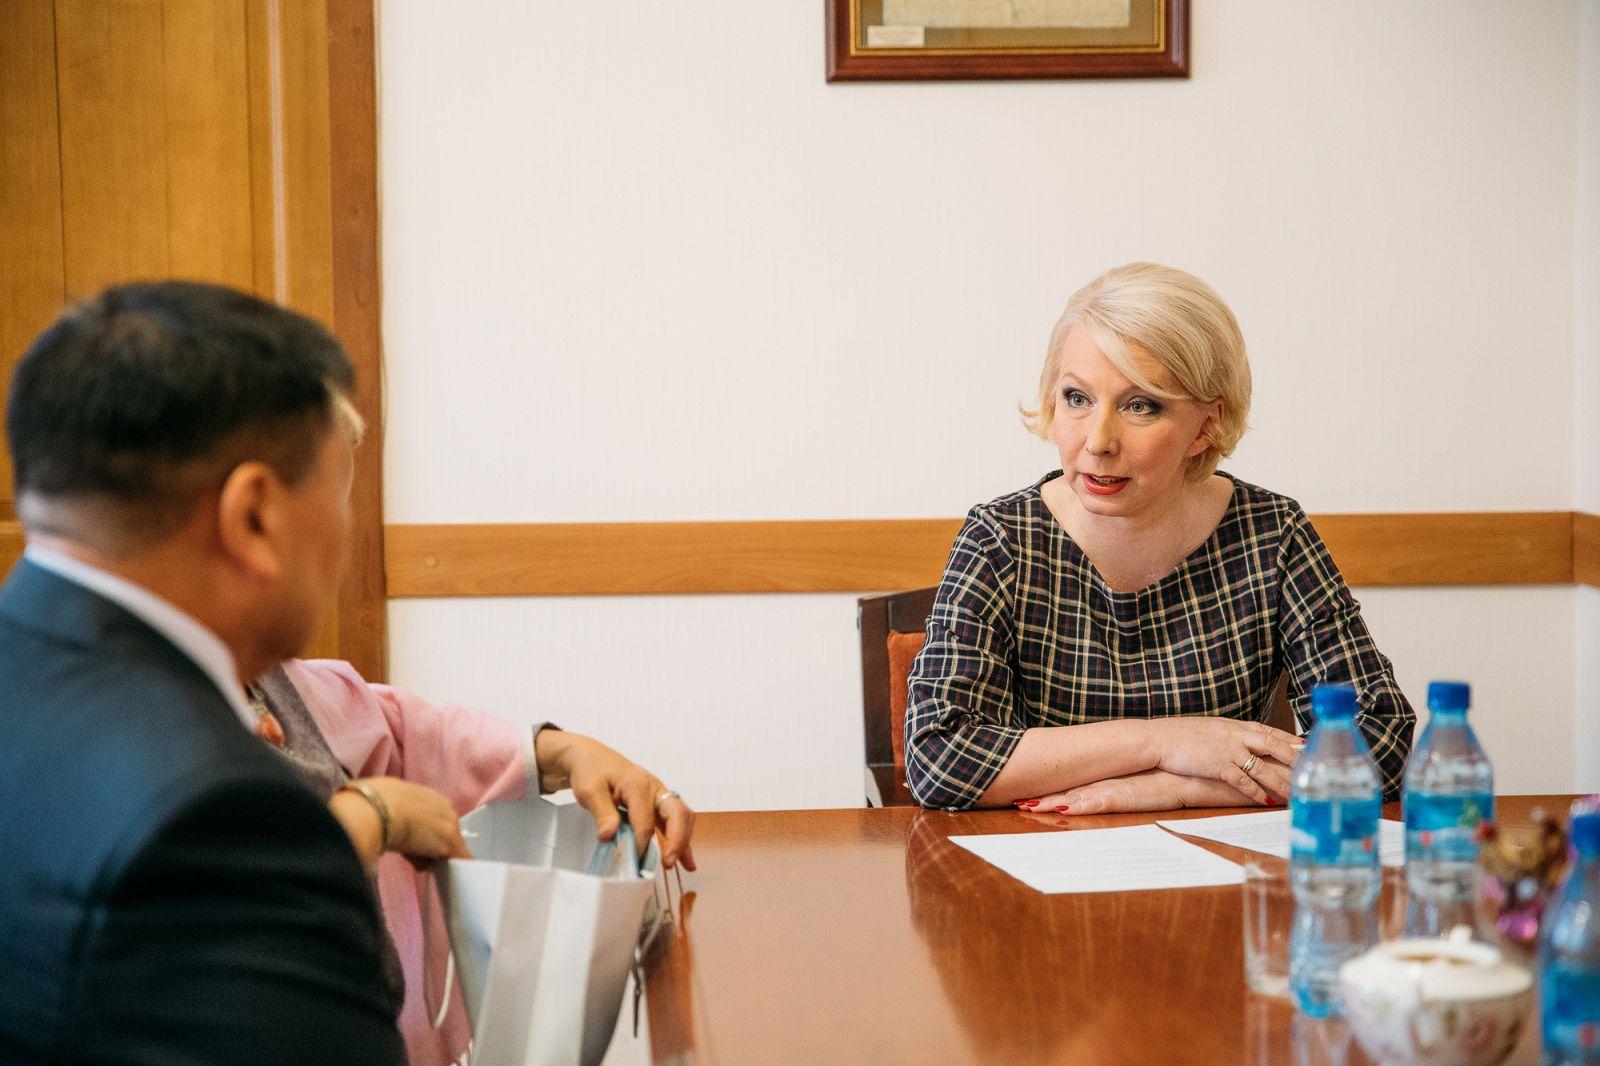 Ольга Балабкина и Эрдэни Жалцанов обсудили вопросы, стоящие перед современным театром